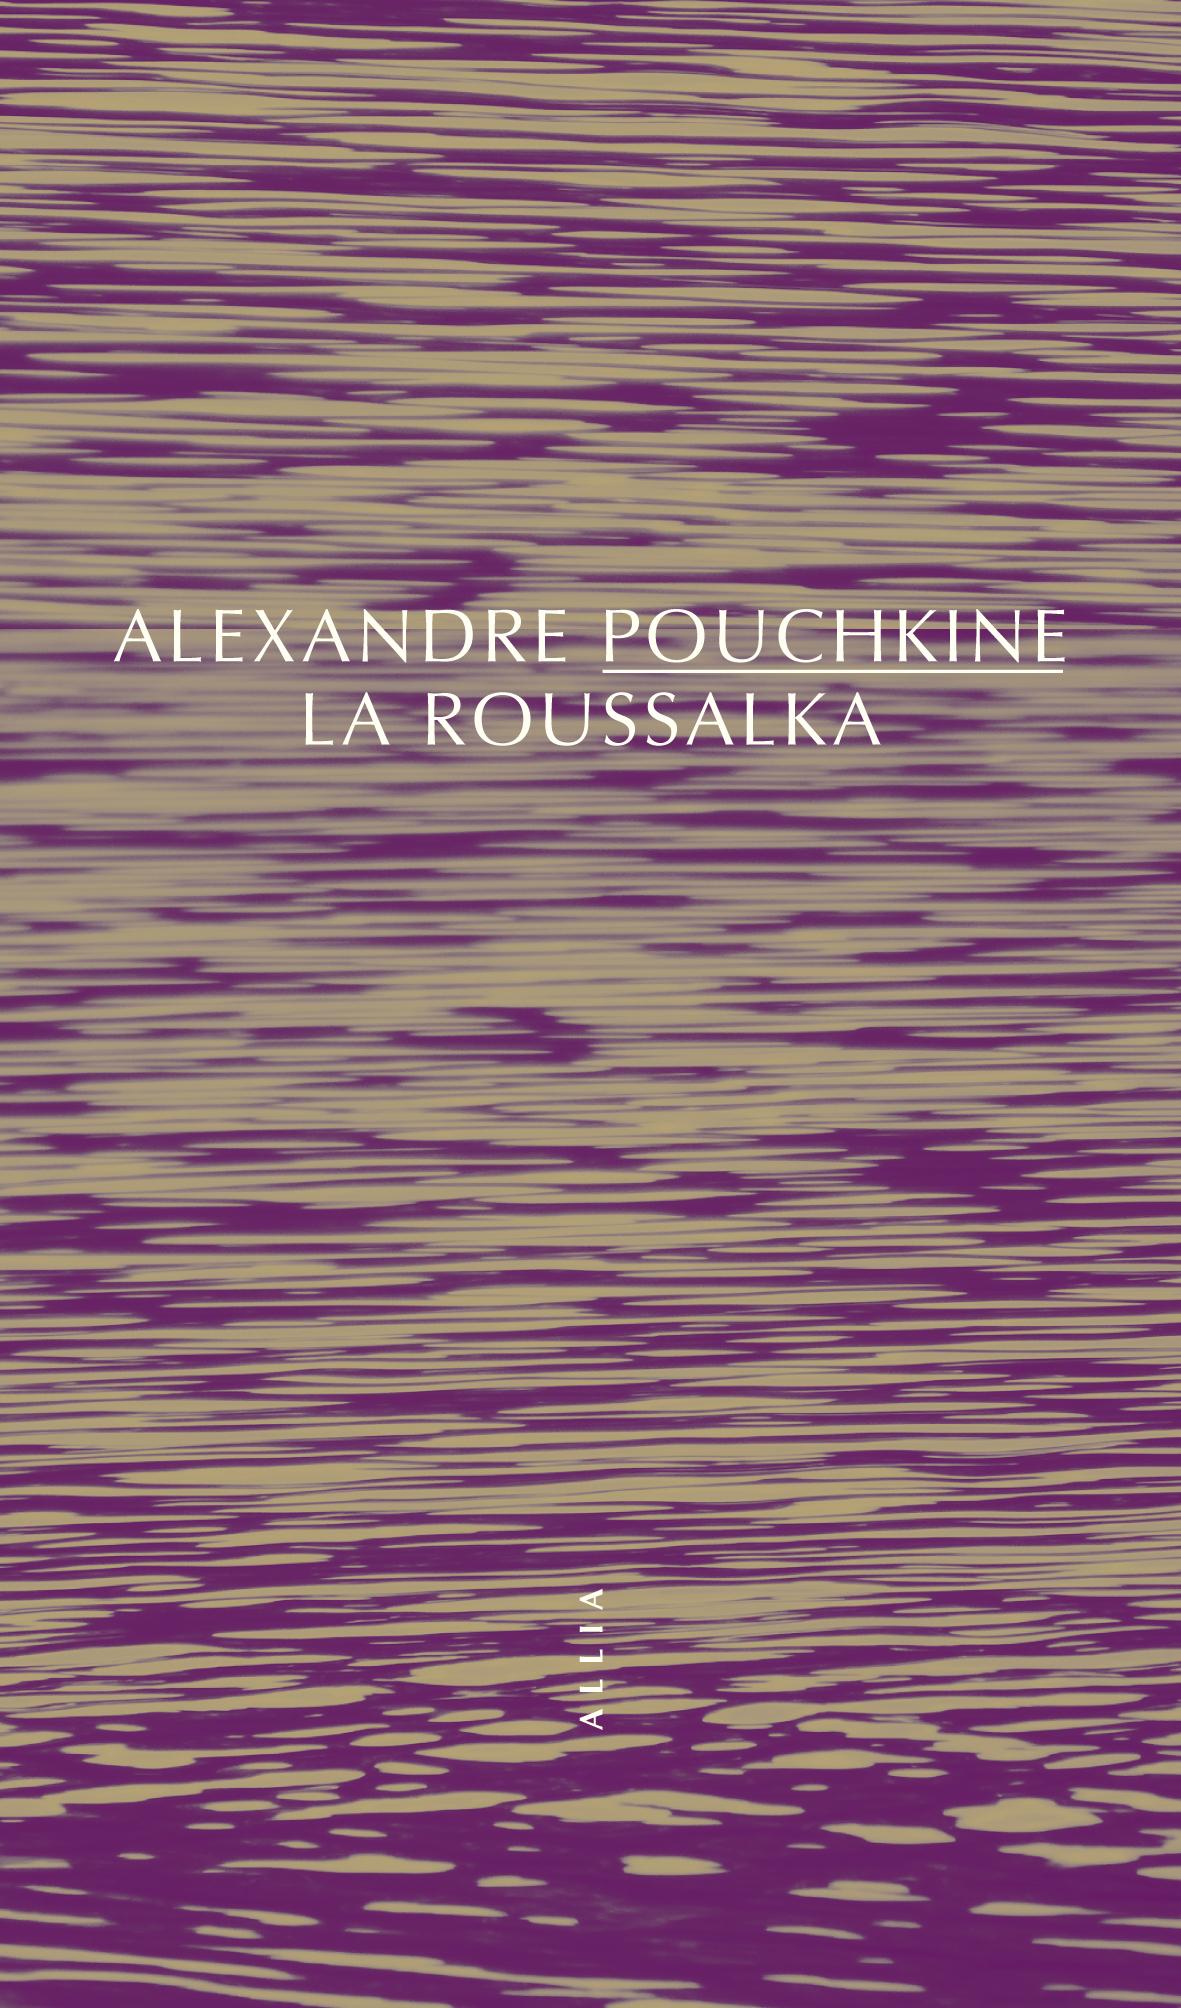 A. Pouchkine, La Roussalka